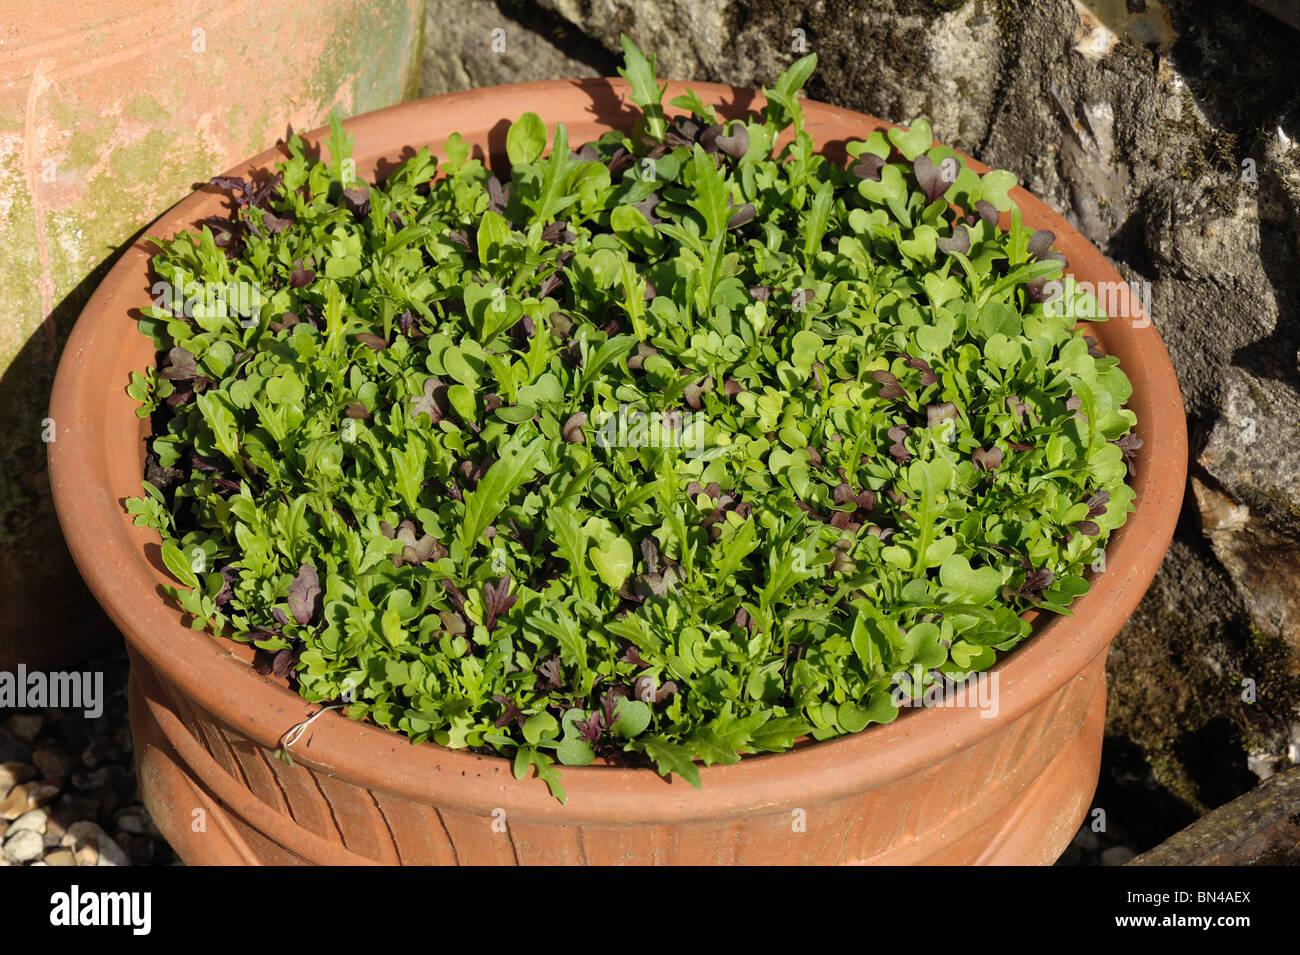 Sélectionner et entrer à nouveau la feuille de salade légumes poussant dans un pot en terre cuite Photo Stock